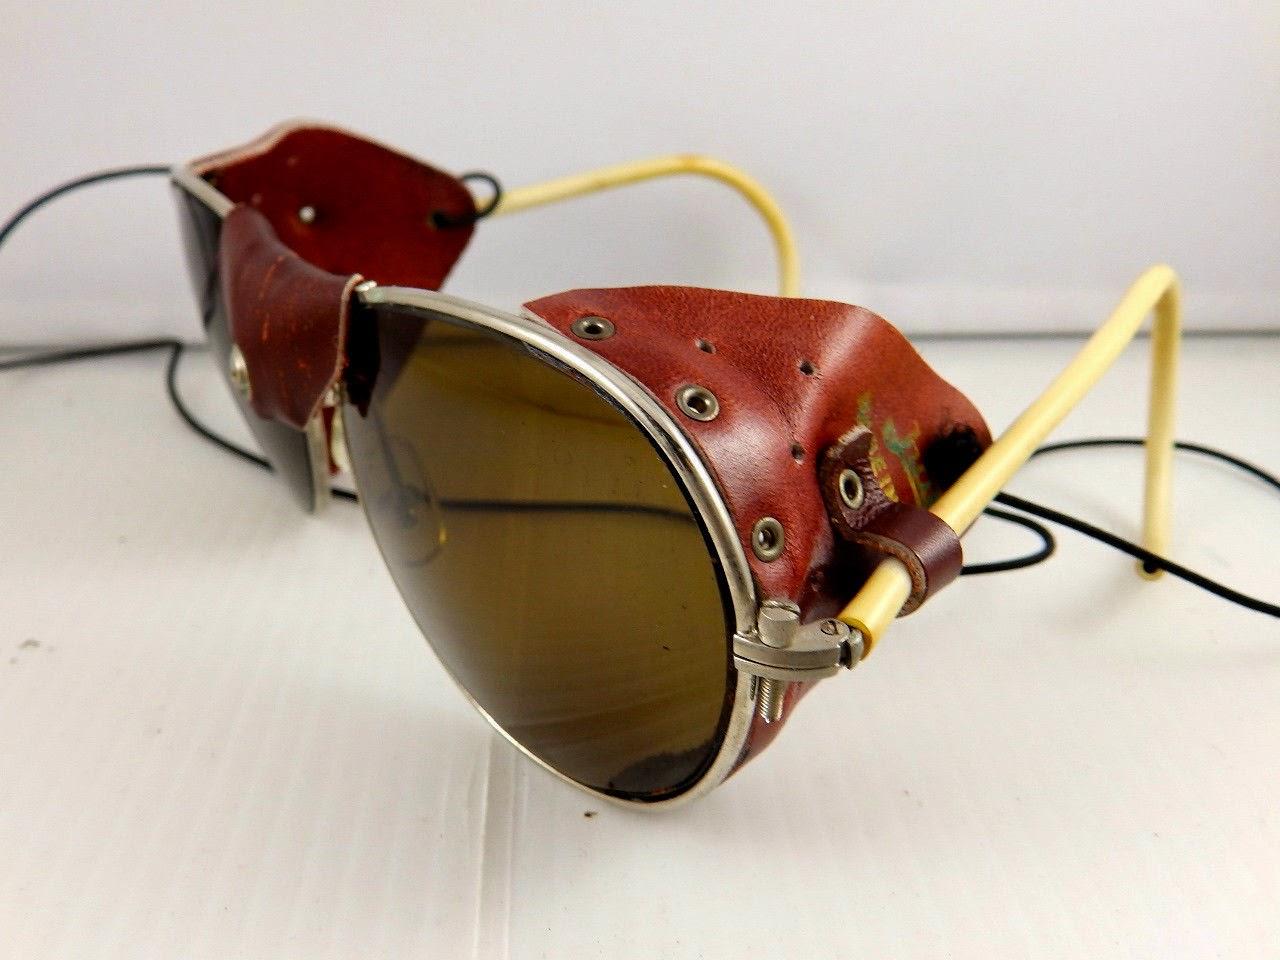 glacier sunglasses 4qkr  1970s Julbo Yannick Seigneur Glacier Mountain Ski Sunglasses Aviator Goggles